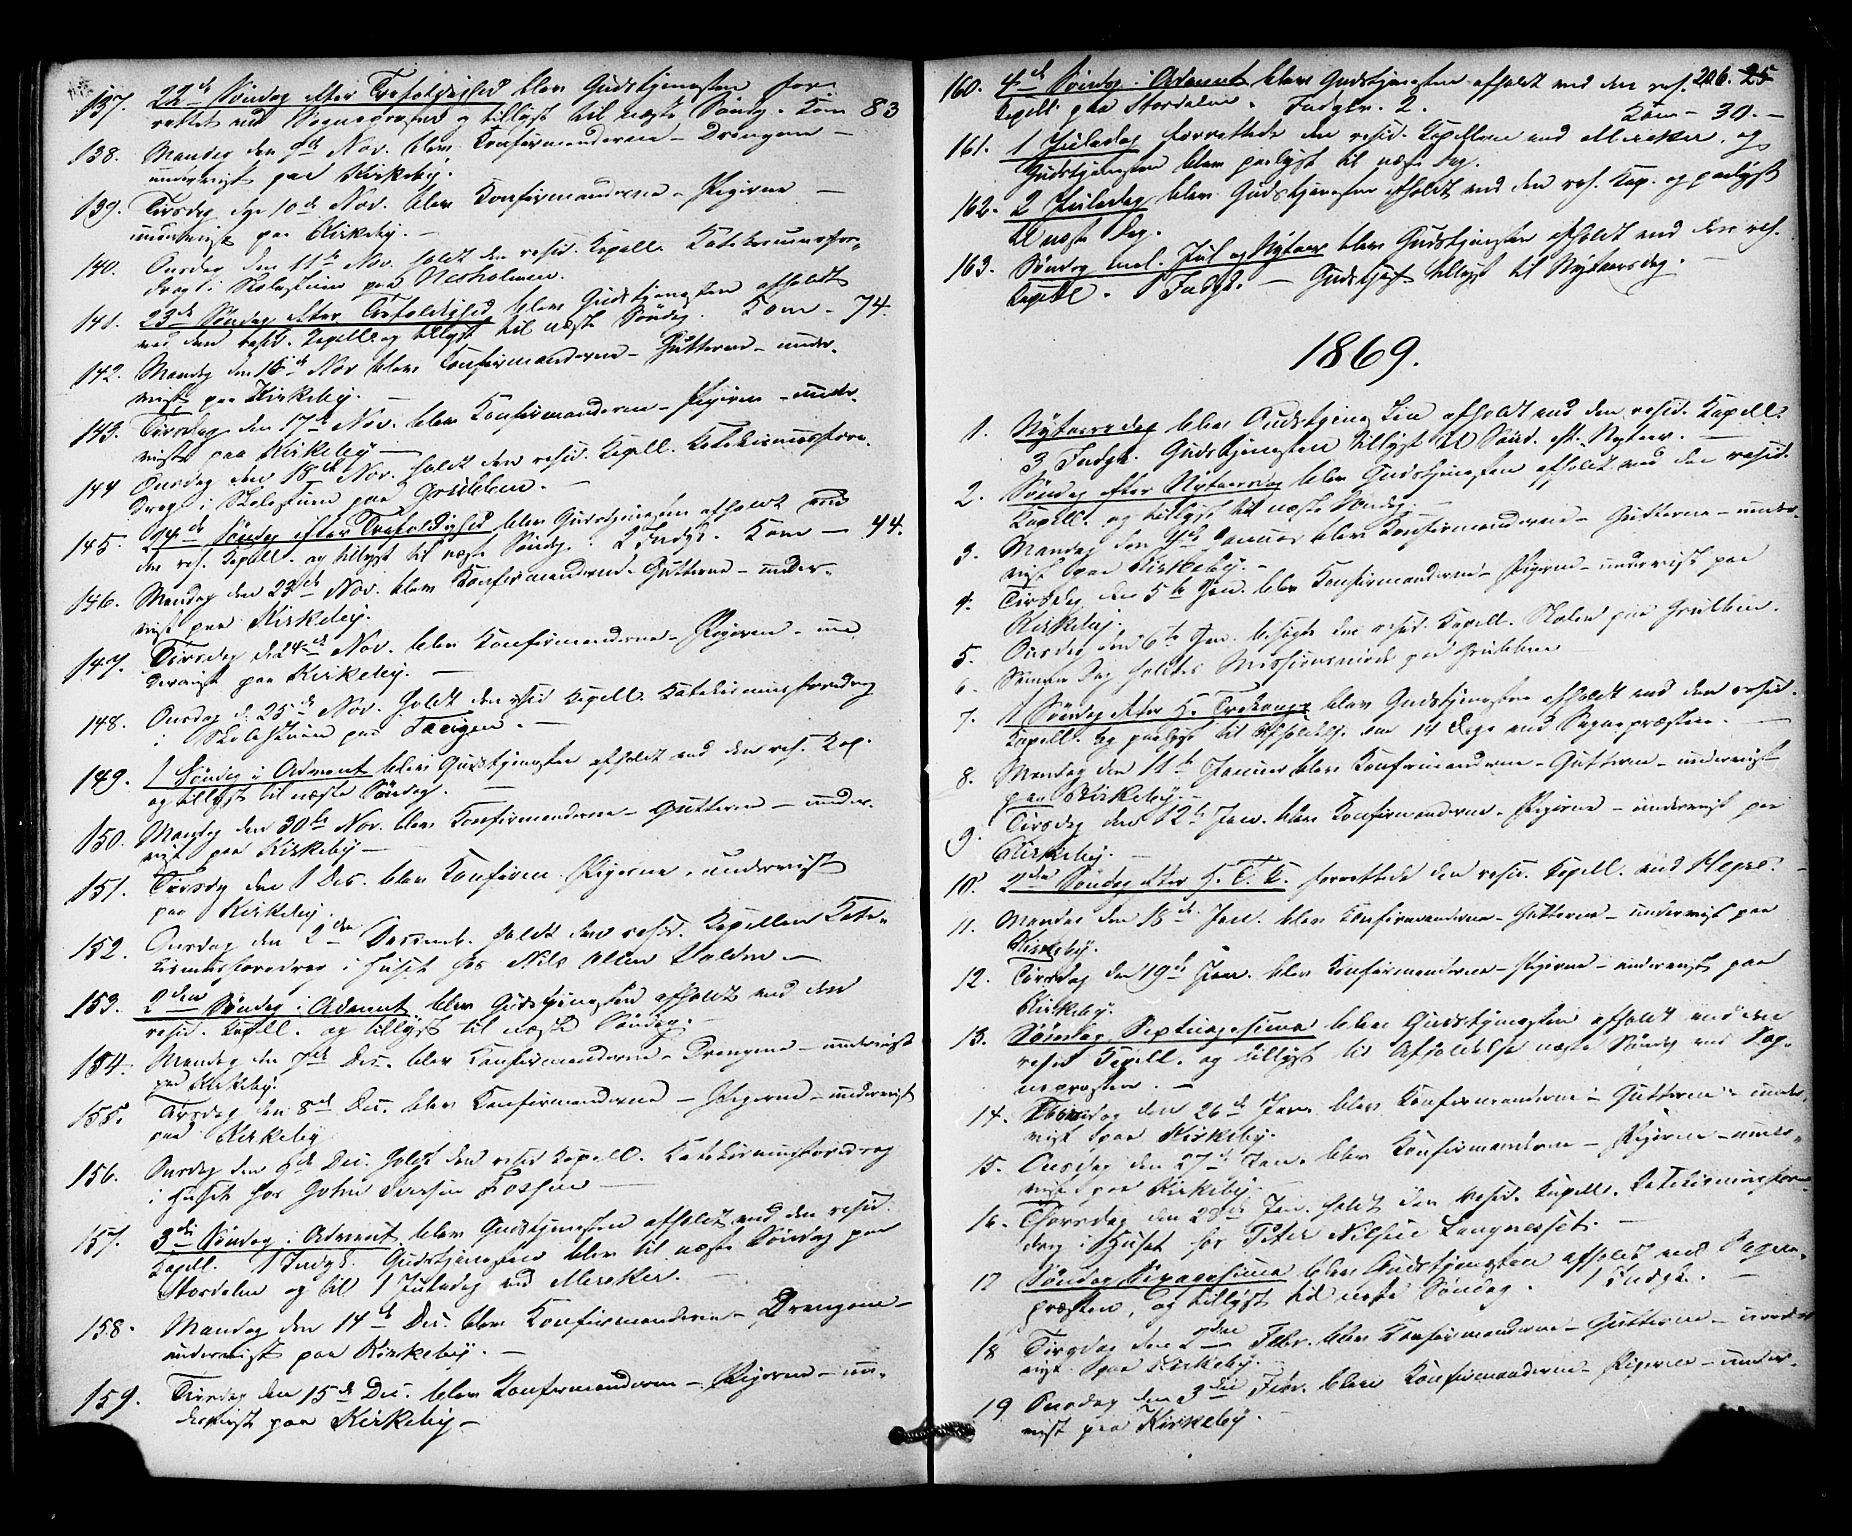 SAT, Ministerialprotokoller, klokkerbøker og fødselsregistre - Nord-Trøndelag, 706/L0041: Ministerialbok nr. 706A02, 1862-1877, s. 206